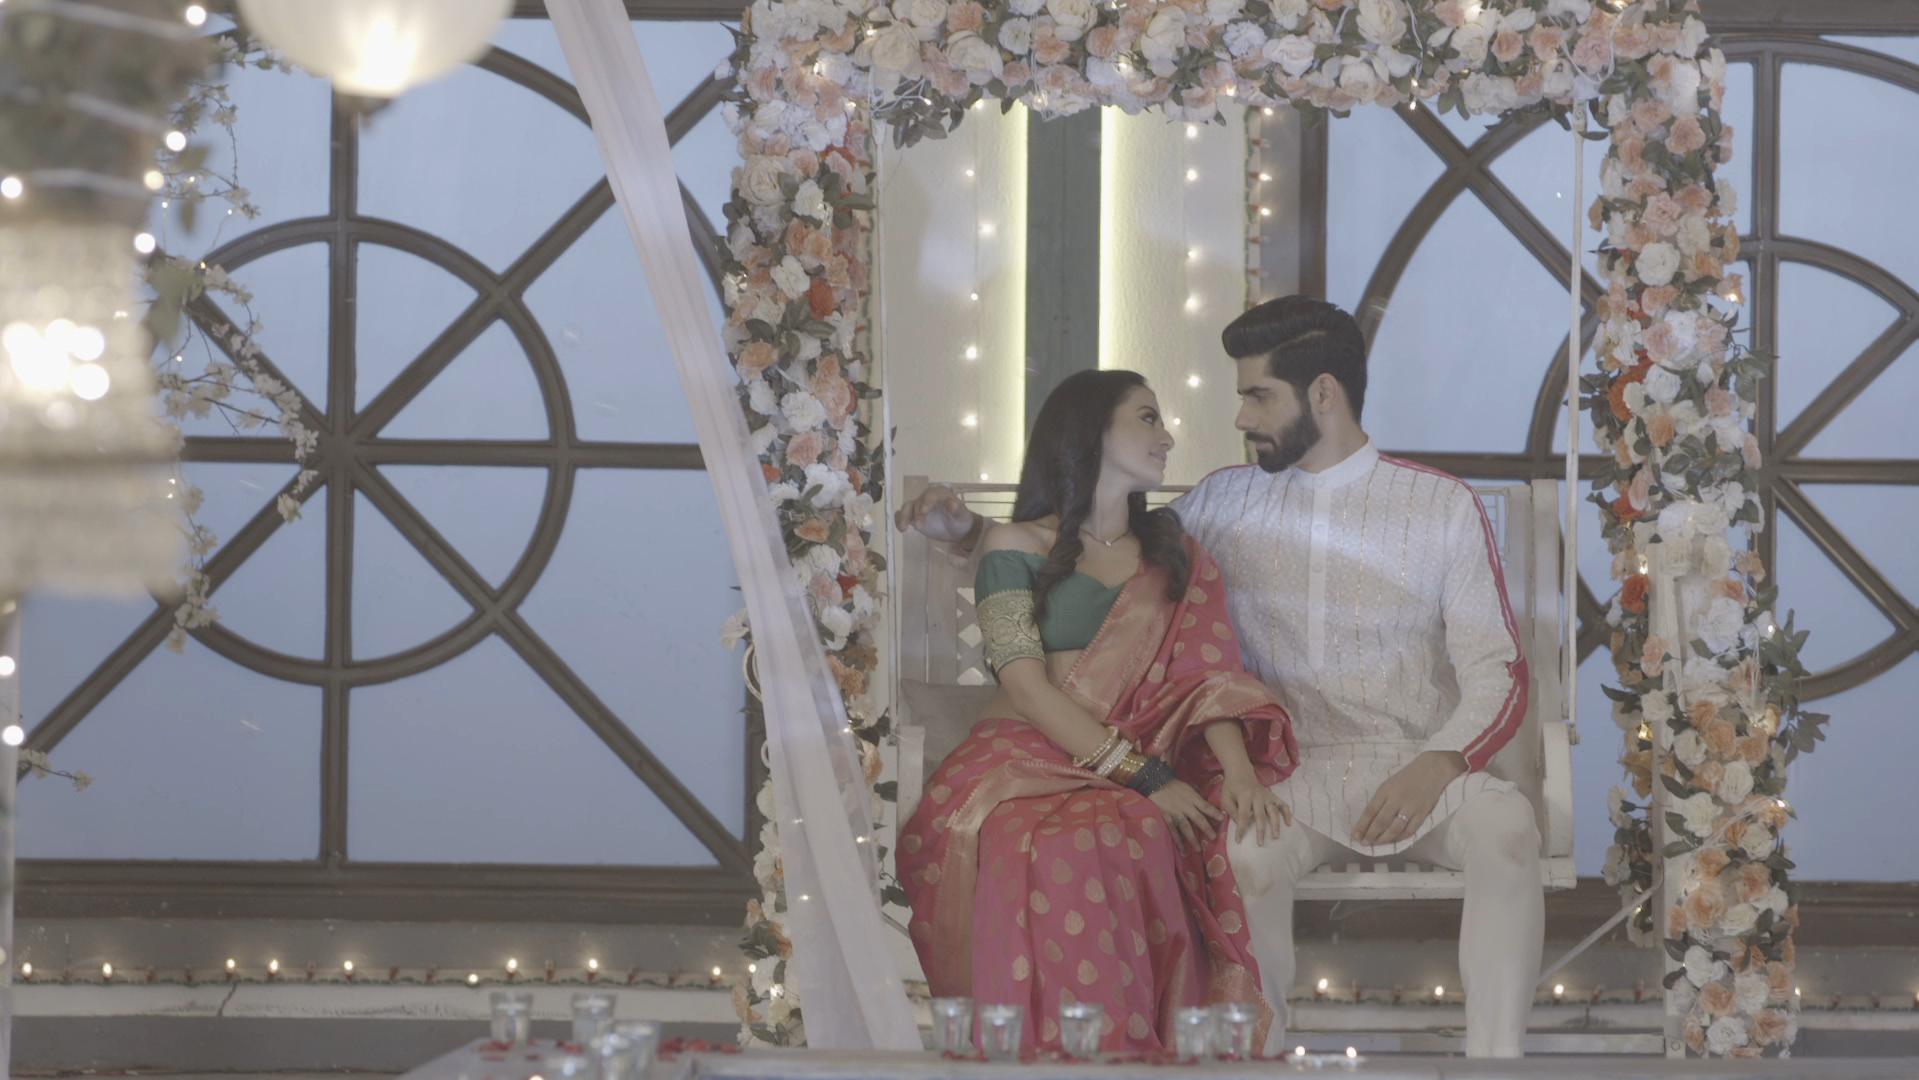 Ishq Mein Marjawan Spoiler Alert: Ridhima to confess her love to Vansh during Karwa Chauth 1